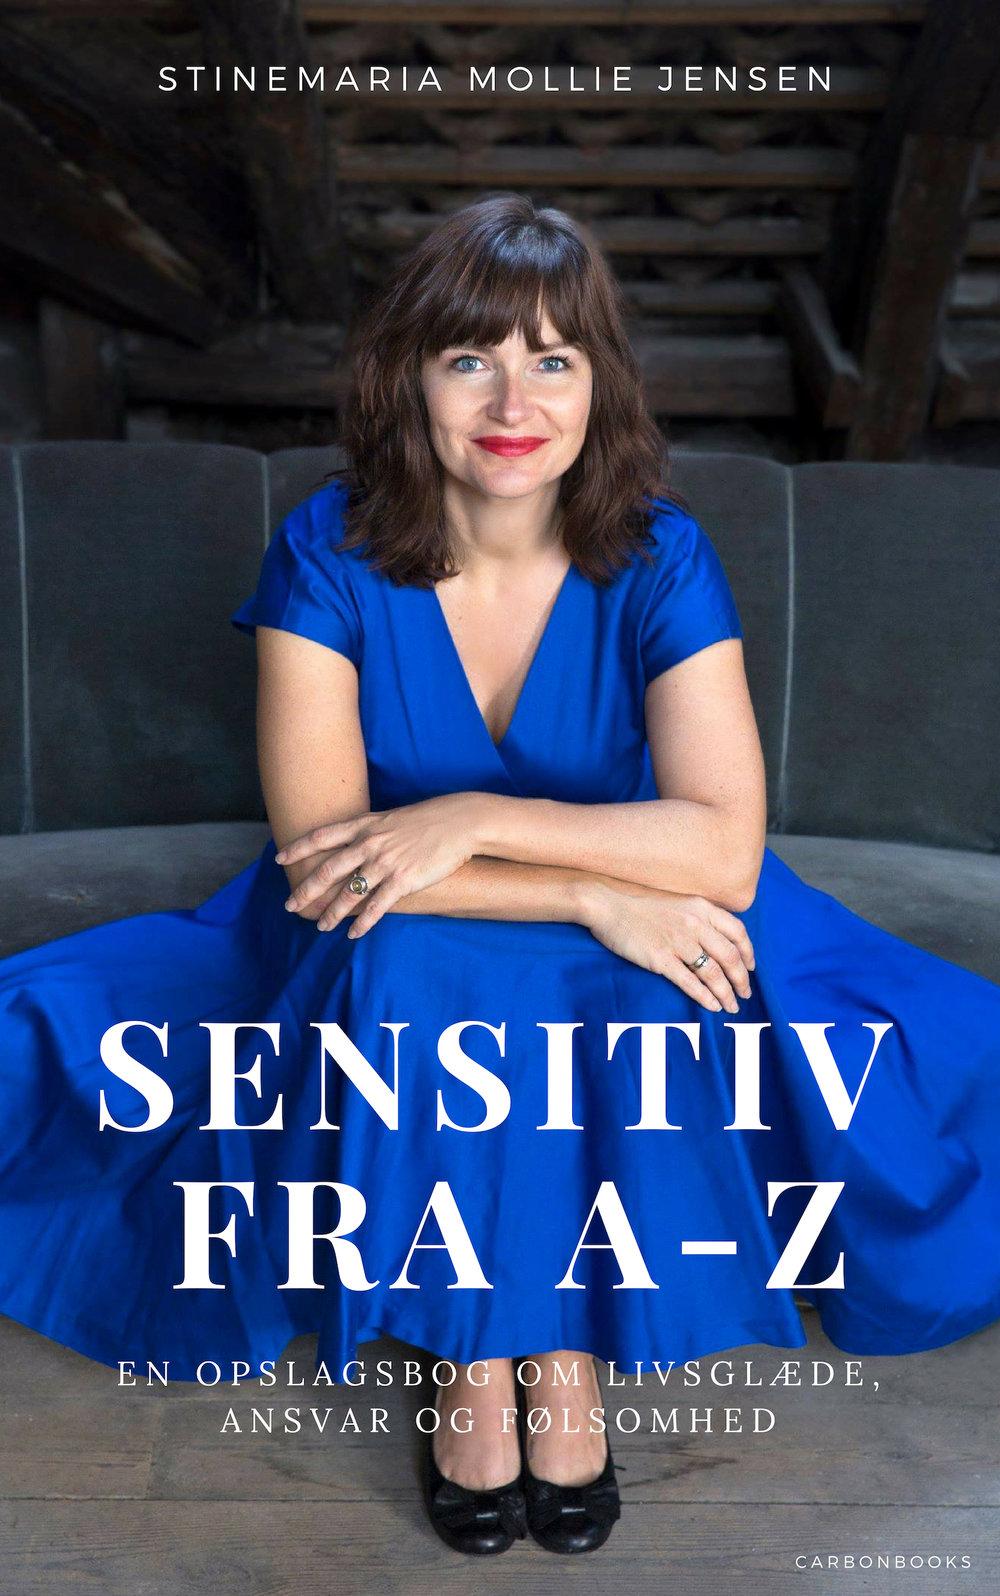 Sensitiv fra A-Z: En opslagsbog om livsglæde, ansvar og følsomhed - Dette er en opslagsbog til dig, der ved, at du er sensitiv. Du kan vælge at læse bogen fra ende til anden og blive inspireret, eller du kan slå op under lige præcis det emne, du har brug for viden om.